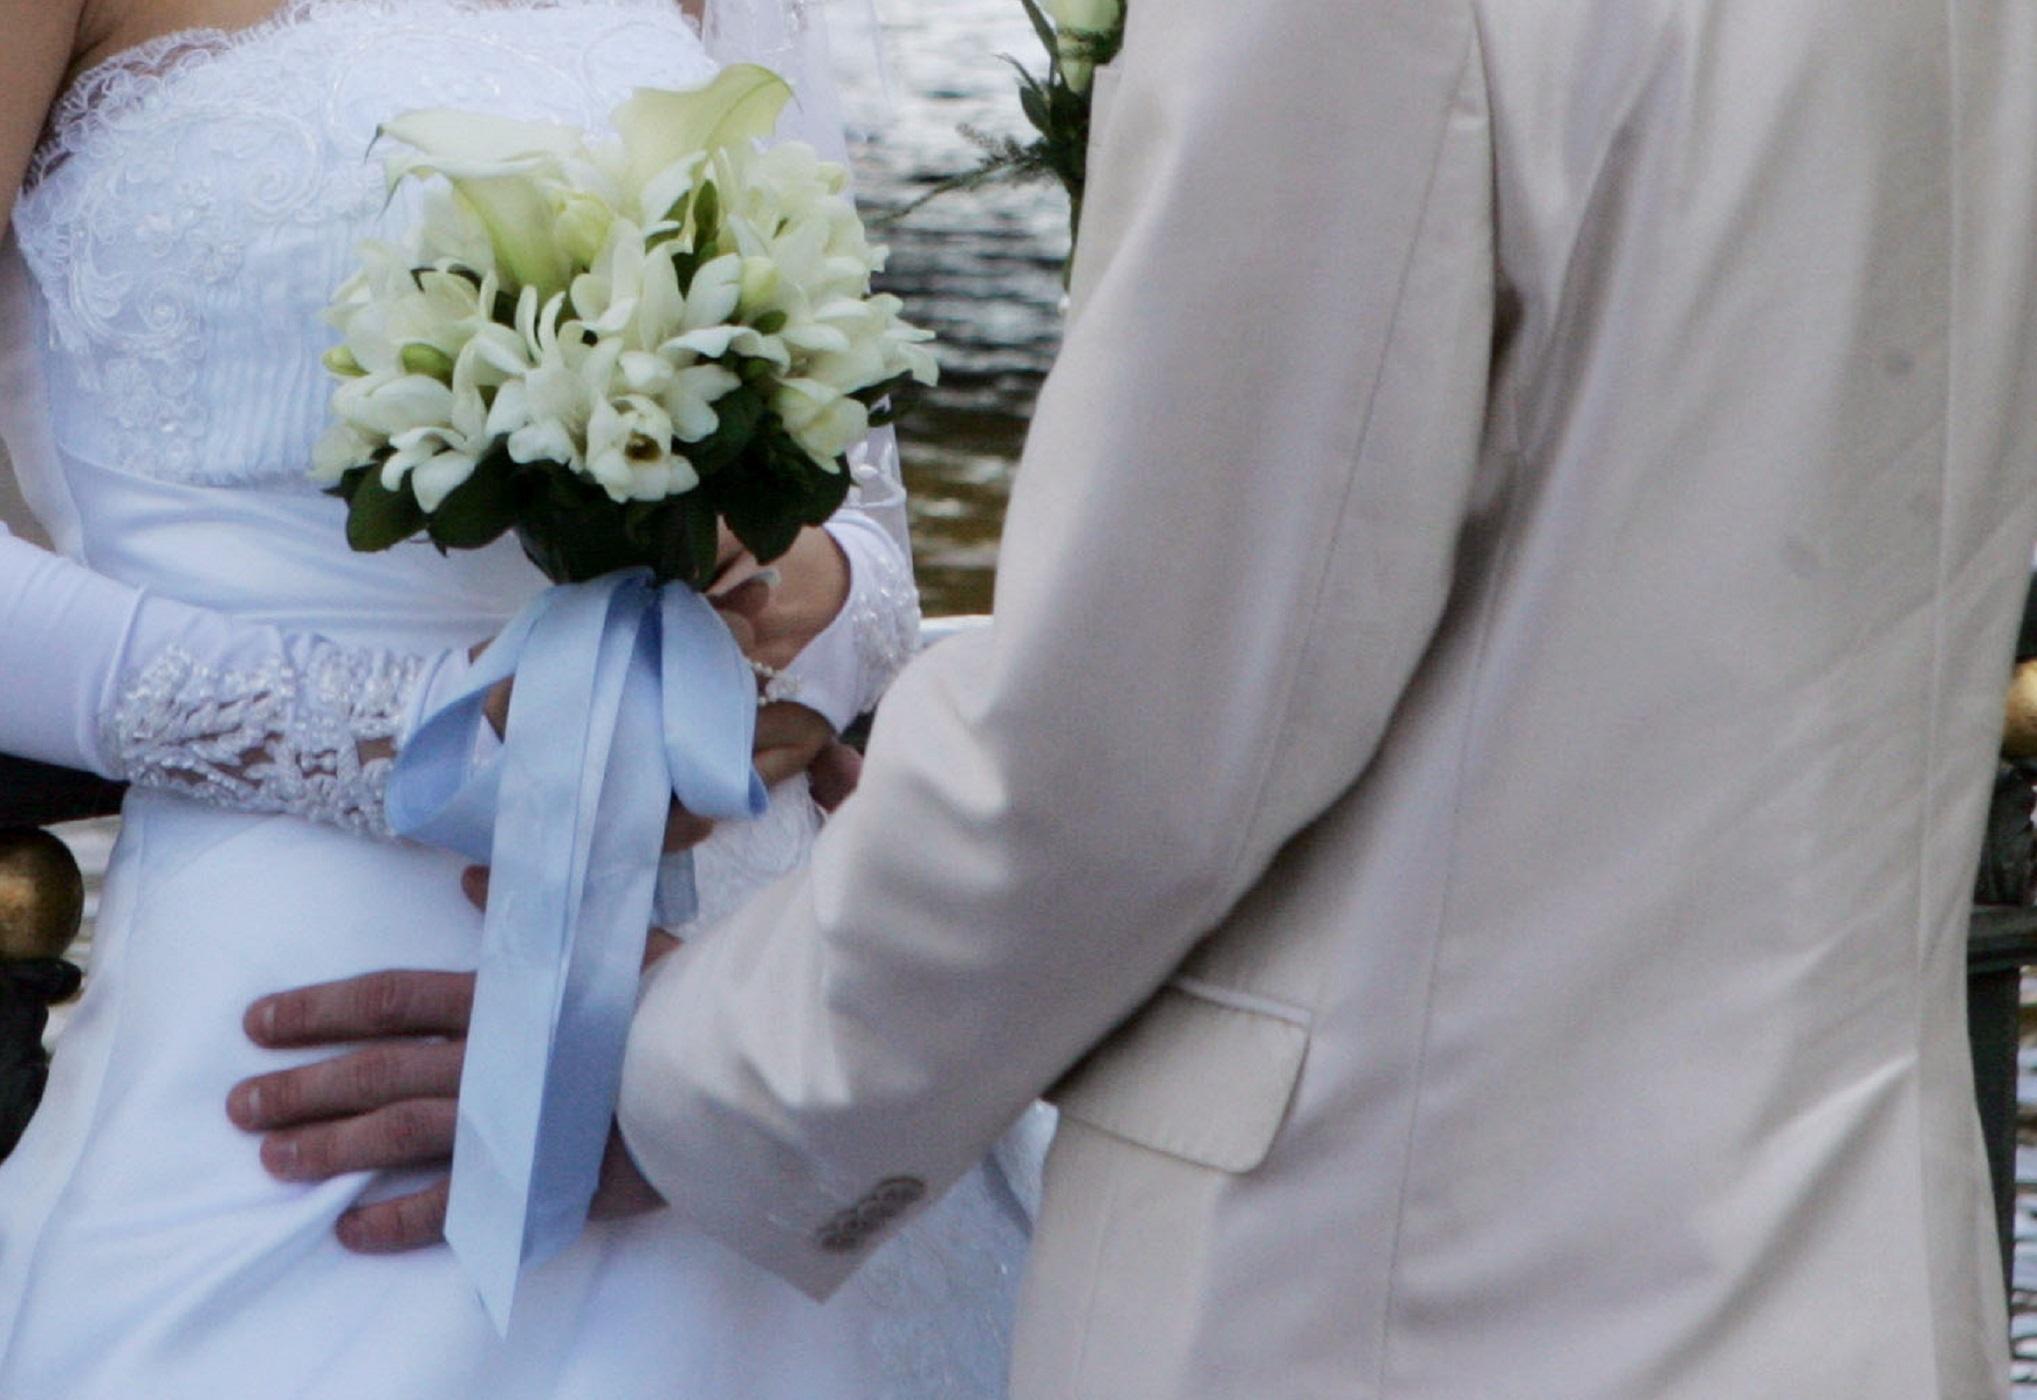 Κορονοϊός: Ζευγάρια ψάχνουν ημερομηνίες για το γάμο – Ρεζερβέ τα Σαββατοκύριακα του 2021